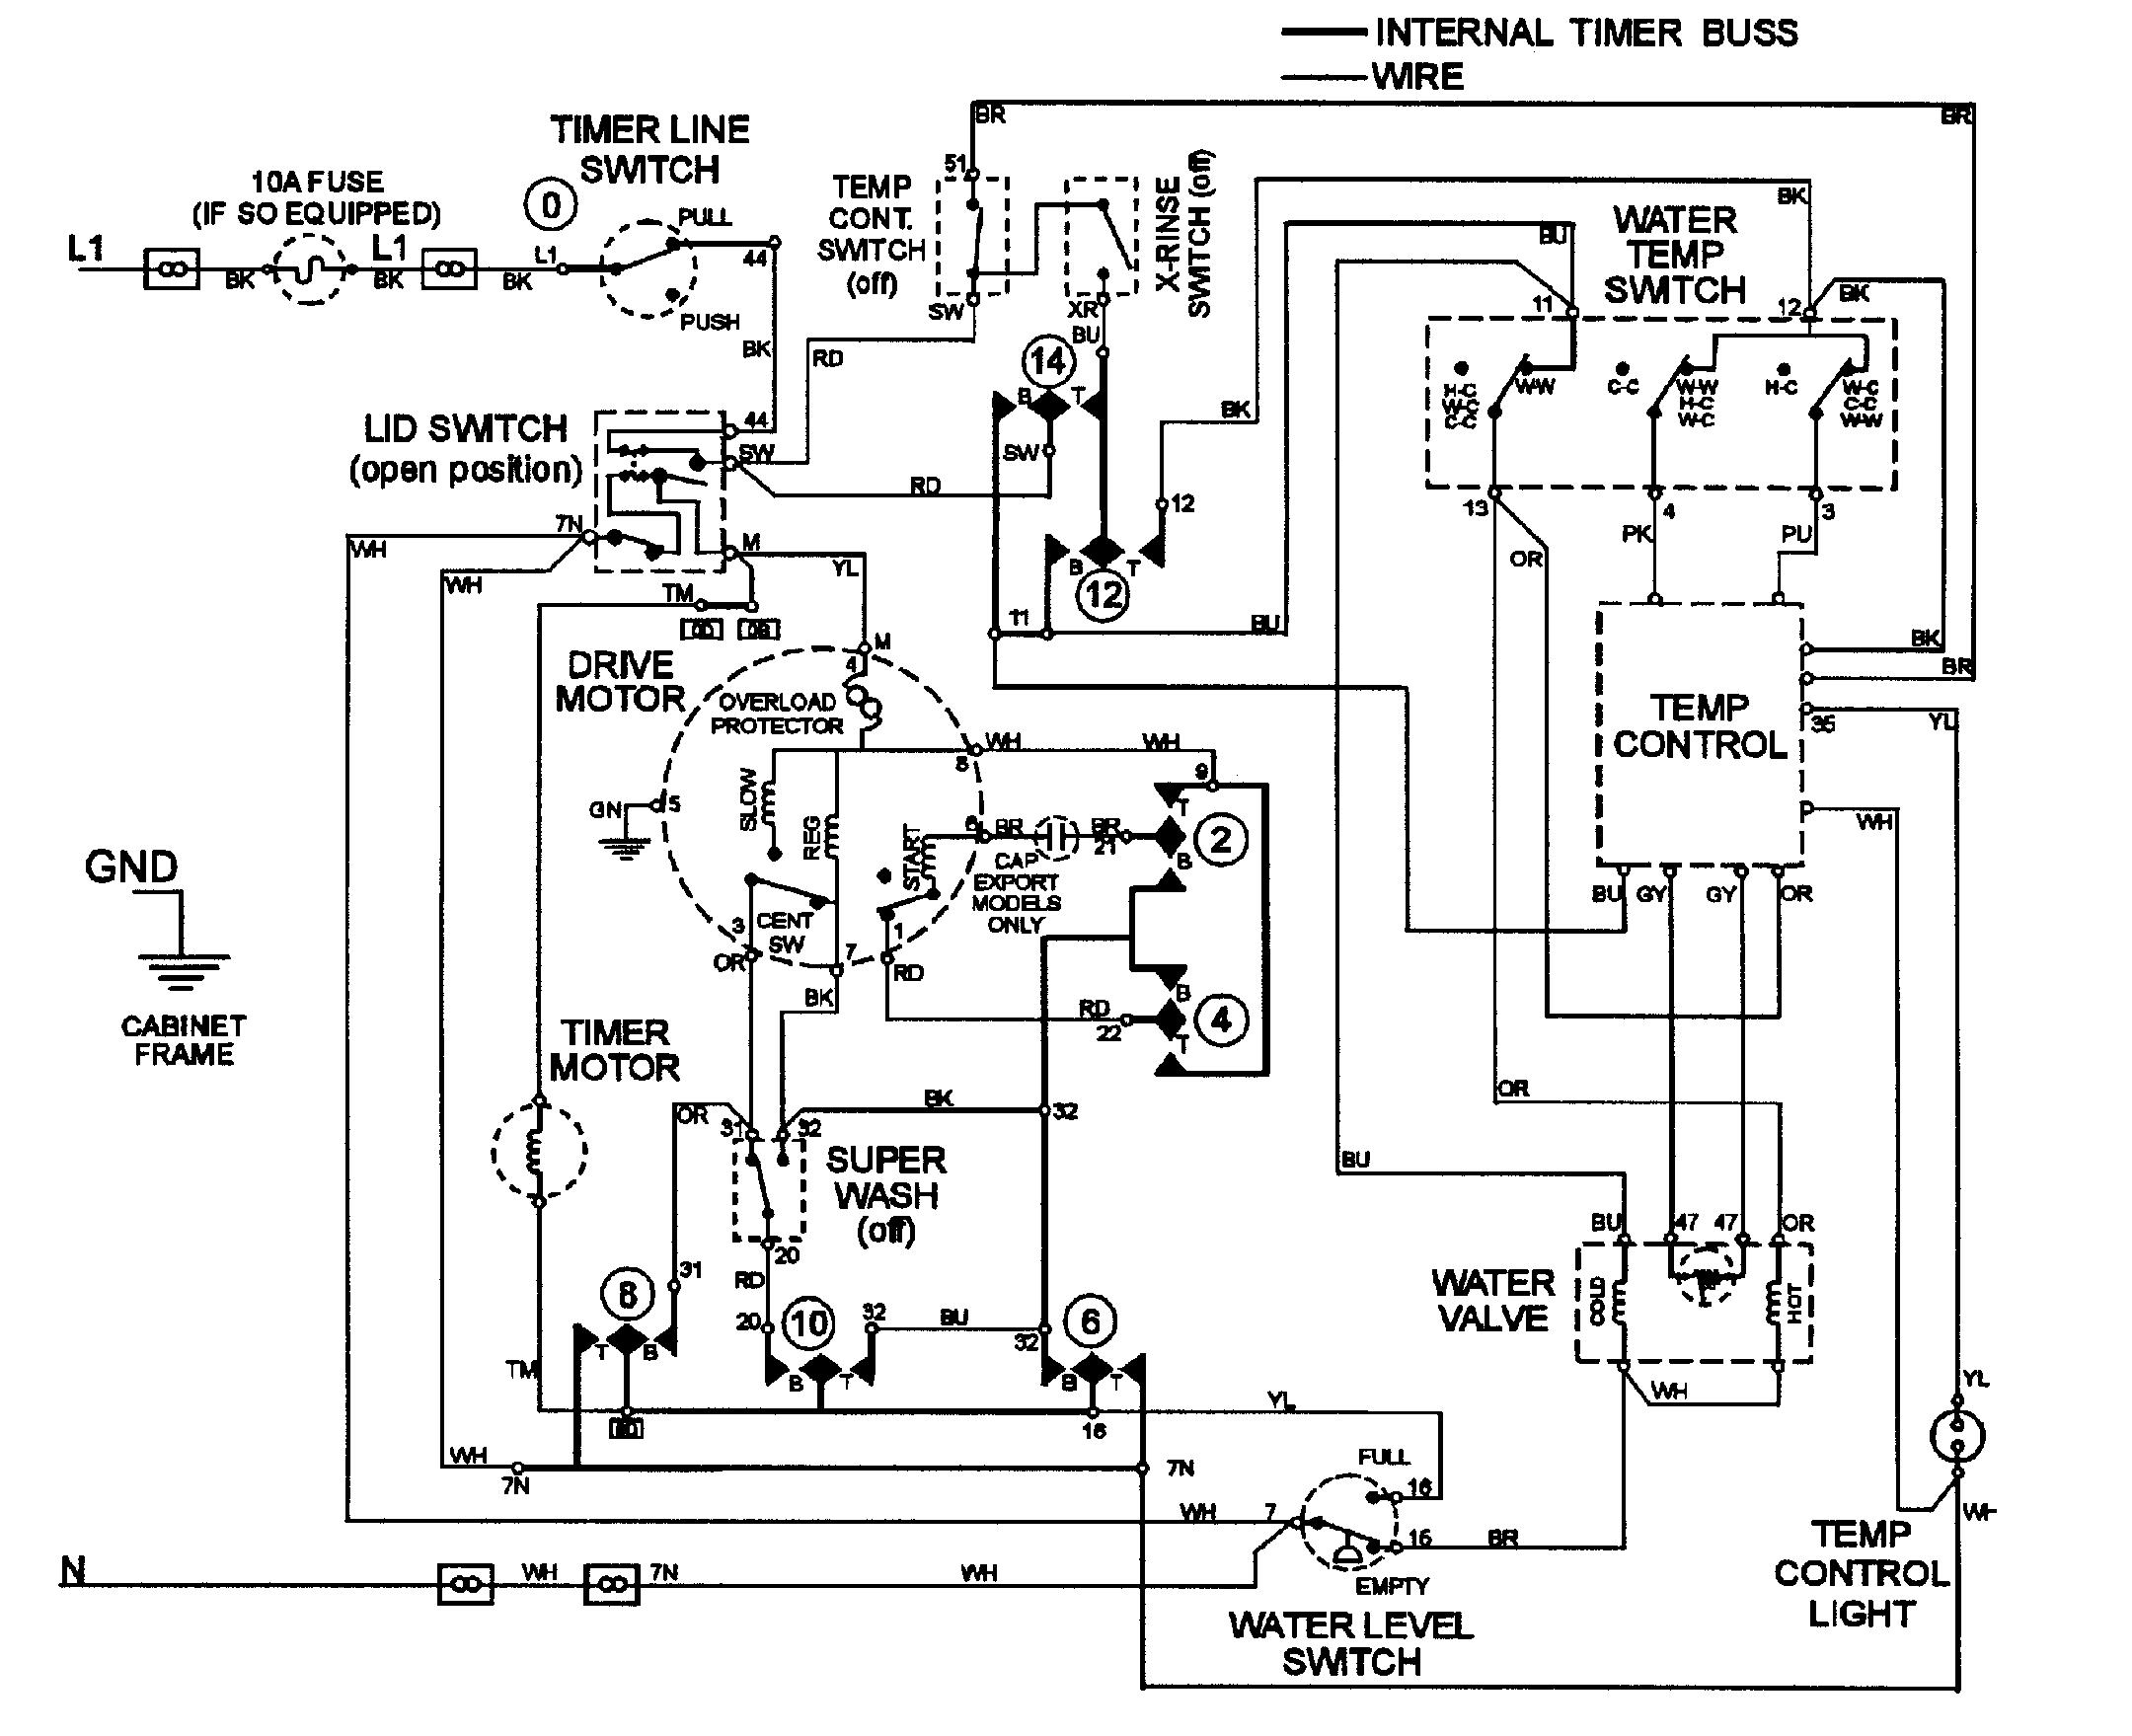 Ge Washing Machine Wiring Diagram - 1994 Plymouth Grand Voyager Wiring  Diagram for Wiring Diagram Schematics | Ge Washer Schematic Wiring Diagram |  | Wiring Diagram Schematics